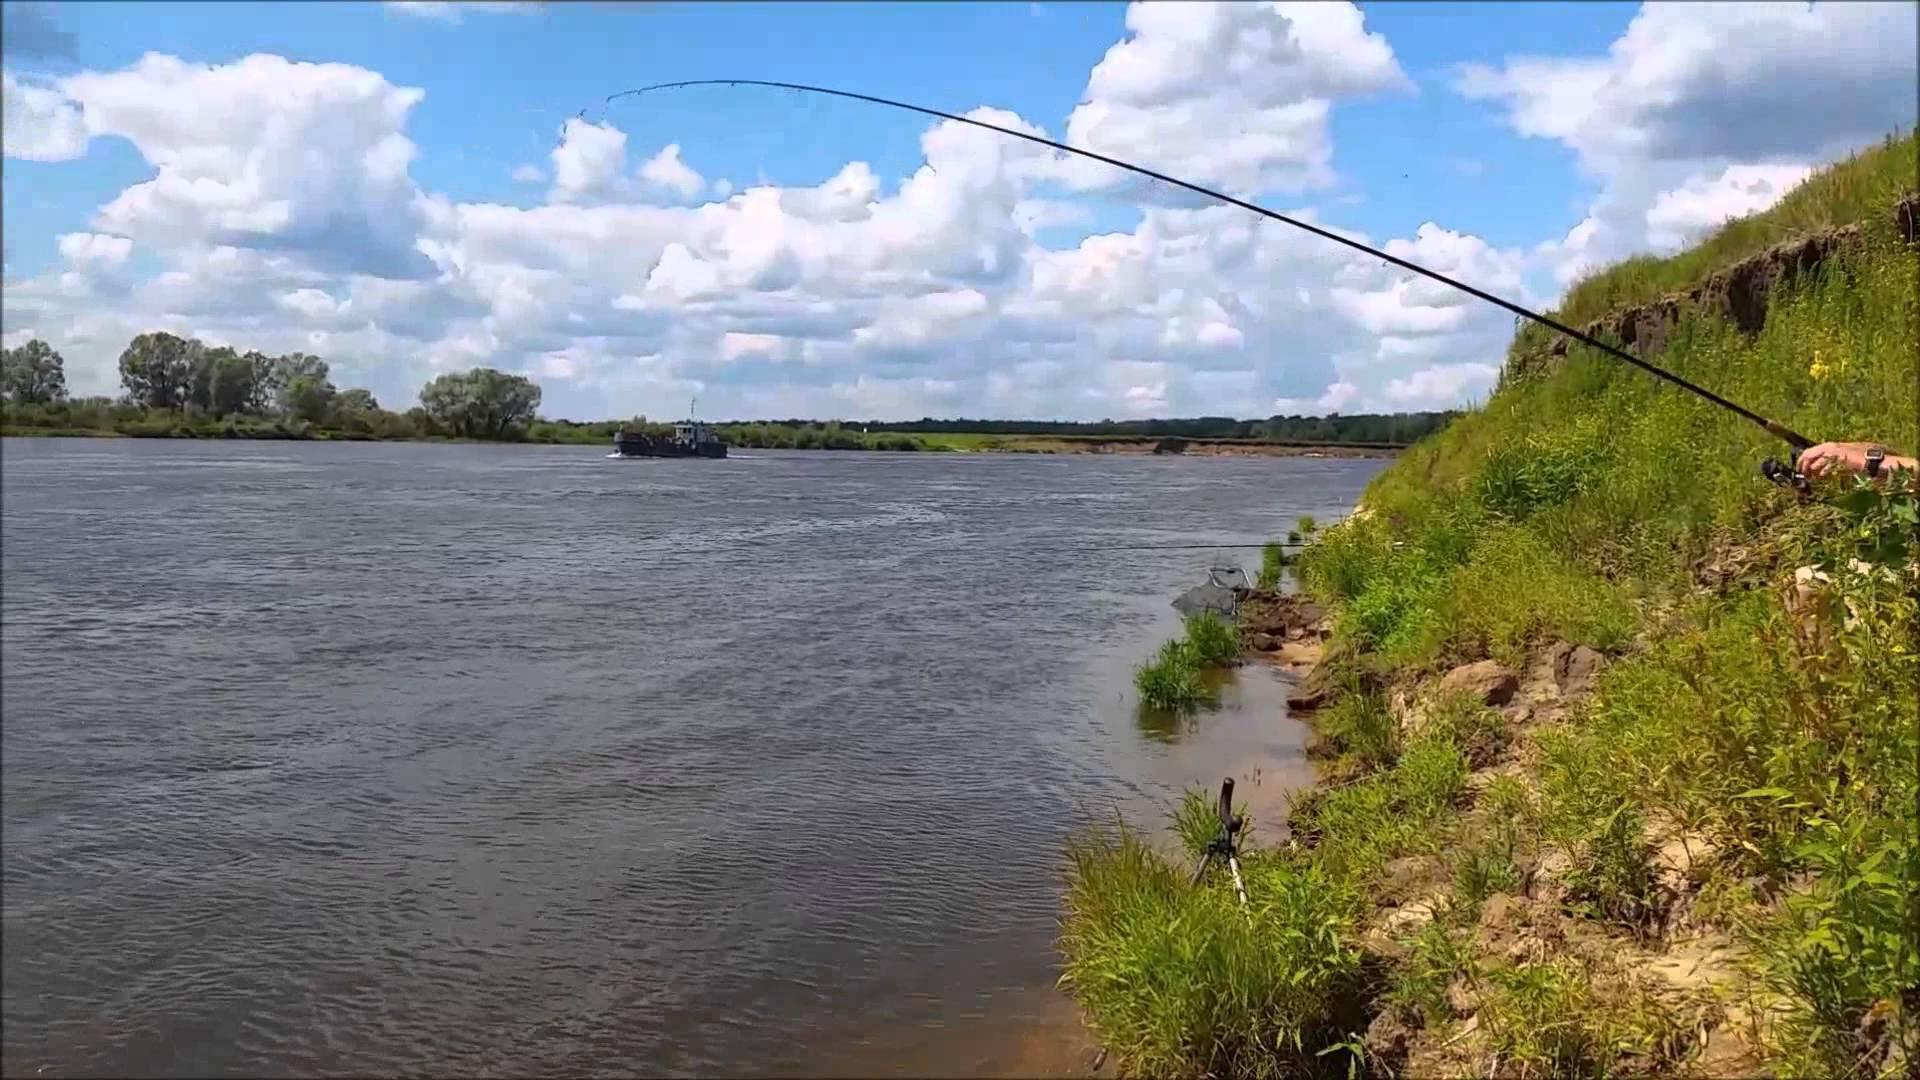 Рыбалка на оке: какая рыба водится, рыбные места, на что лучше клюет